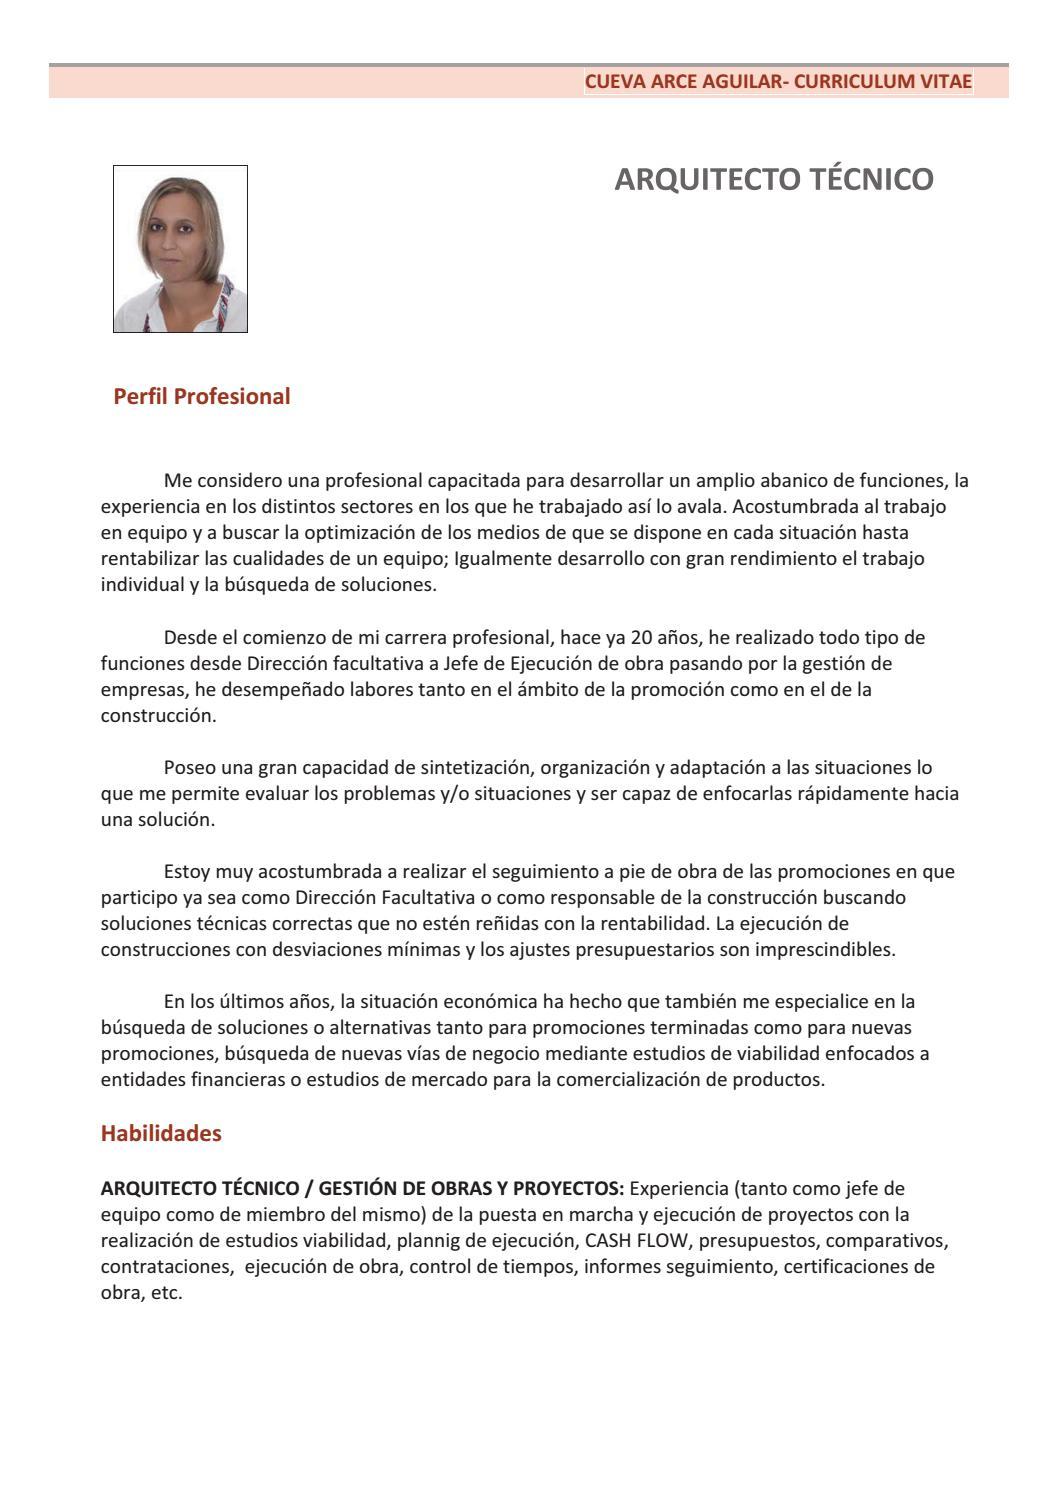 Curriculum listado de trabajos nov 2016 by Cueva Arce - issuu